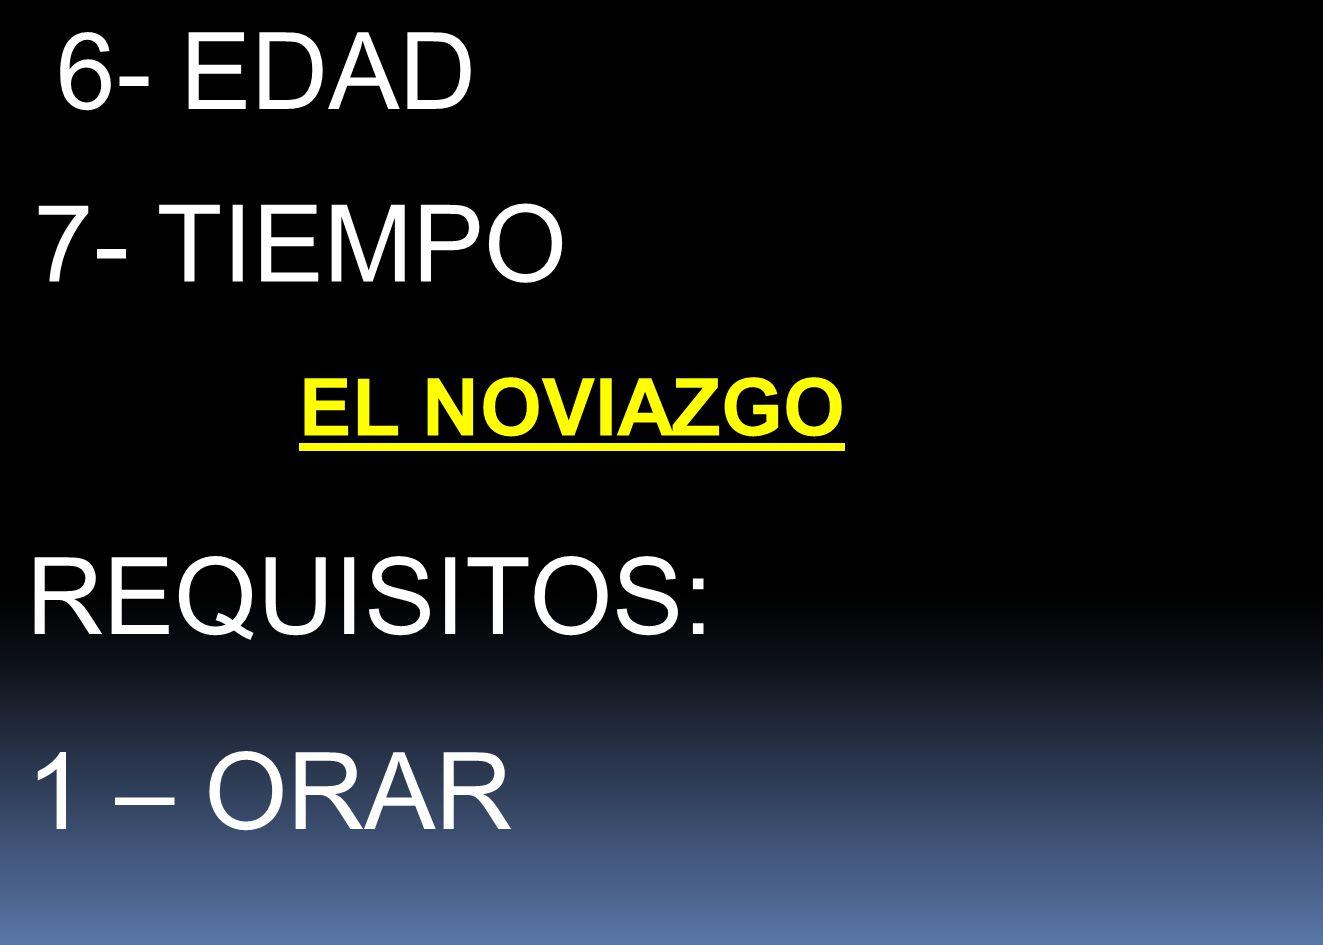 6- EDAD 7- TIEMPO EL NOVIAZGO REQUISITOS: 1 – ORAR